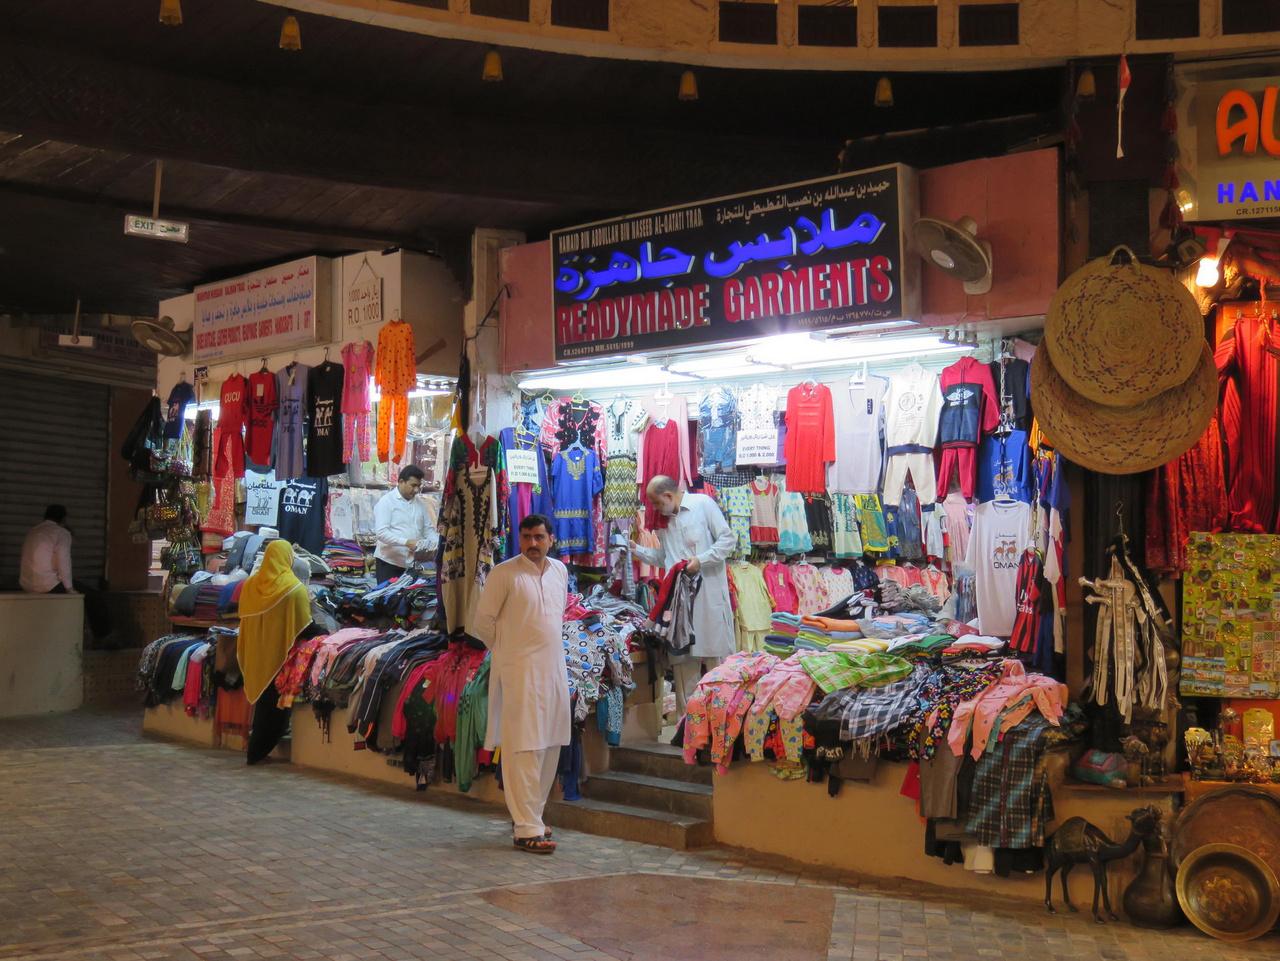 Bizony, a bazárok ma már nem hozzák a régi romantikát Ománban sem: az áru nagy része Kínában készül, még a hagyományos arab stílust követő dísz- és emléktárgyak is. Persze egy sétát megér a maszkati nagybazár, de elég nézelődni, pénzt költeni igazából felesleges.